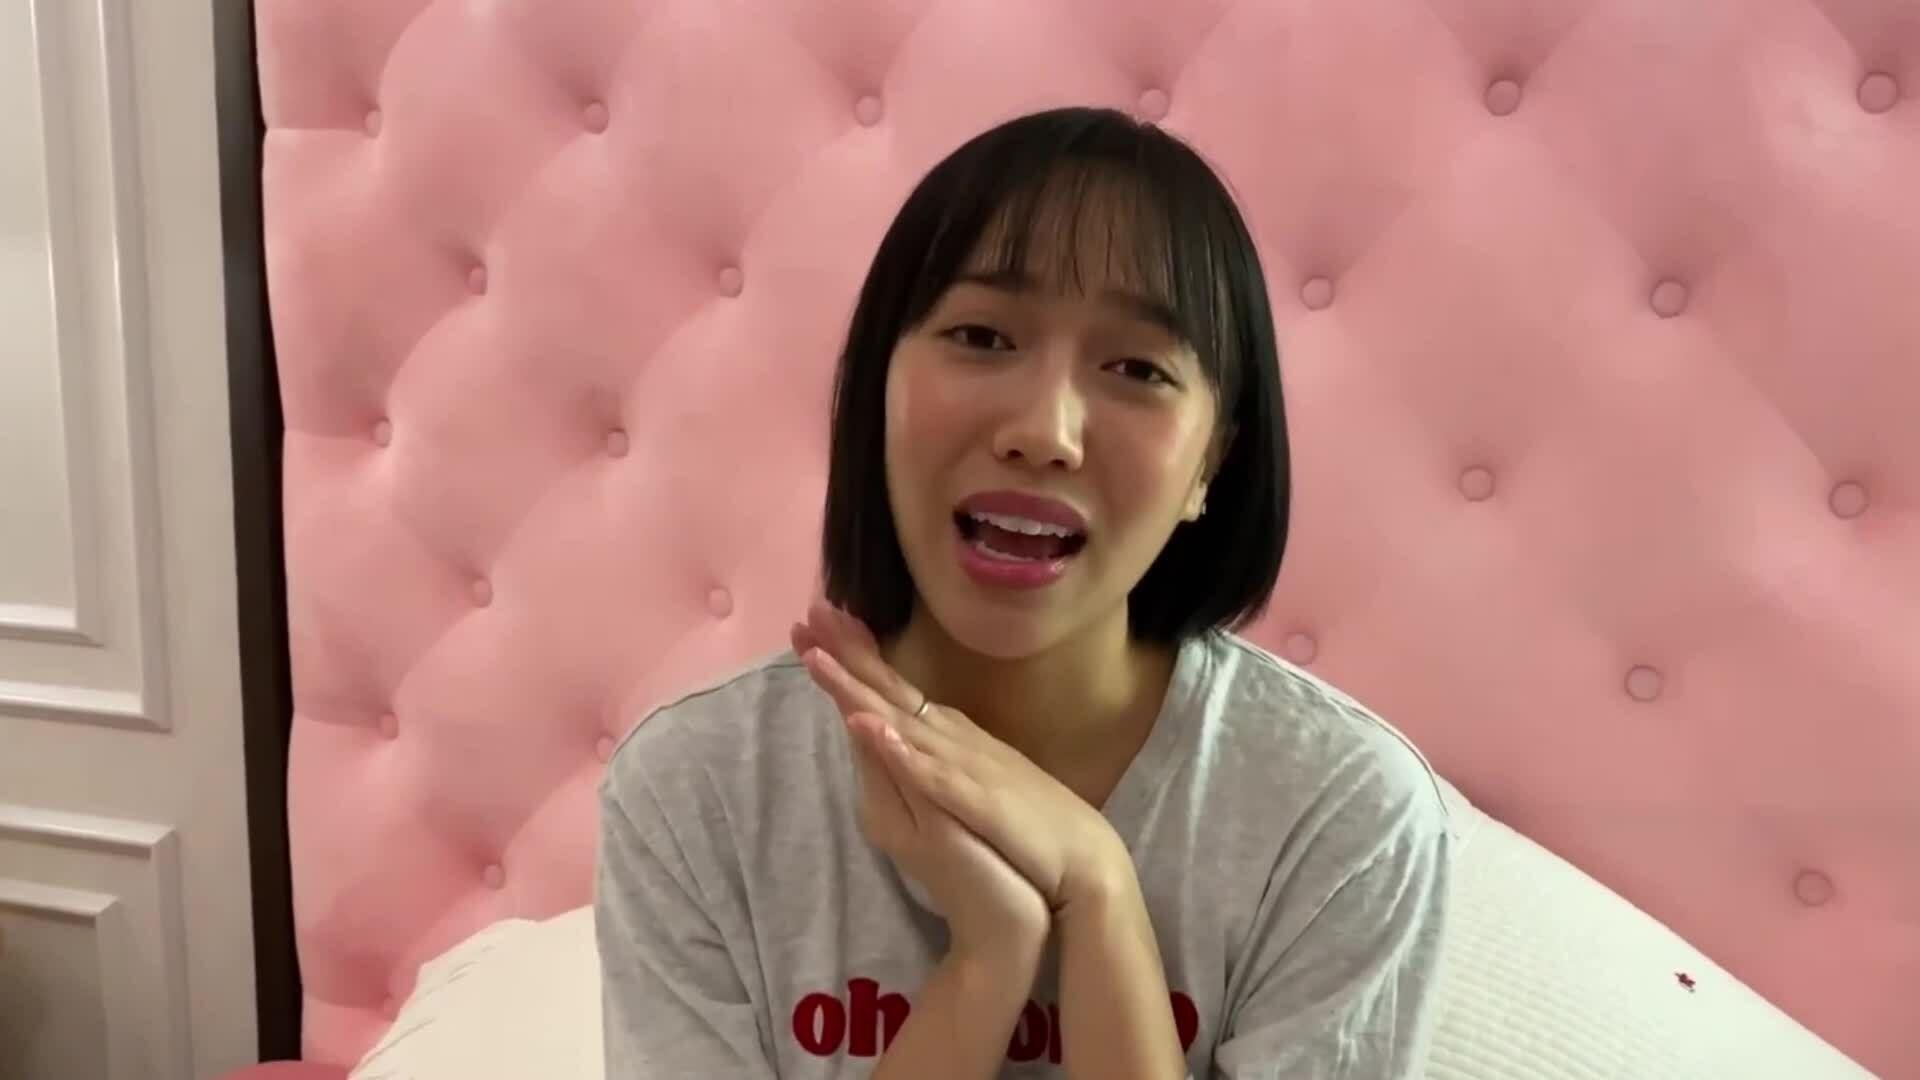 Diệu Nhi hát karaoke, chơi cờ cùng bố mẹ khi ở nhà